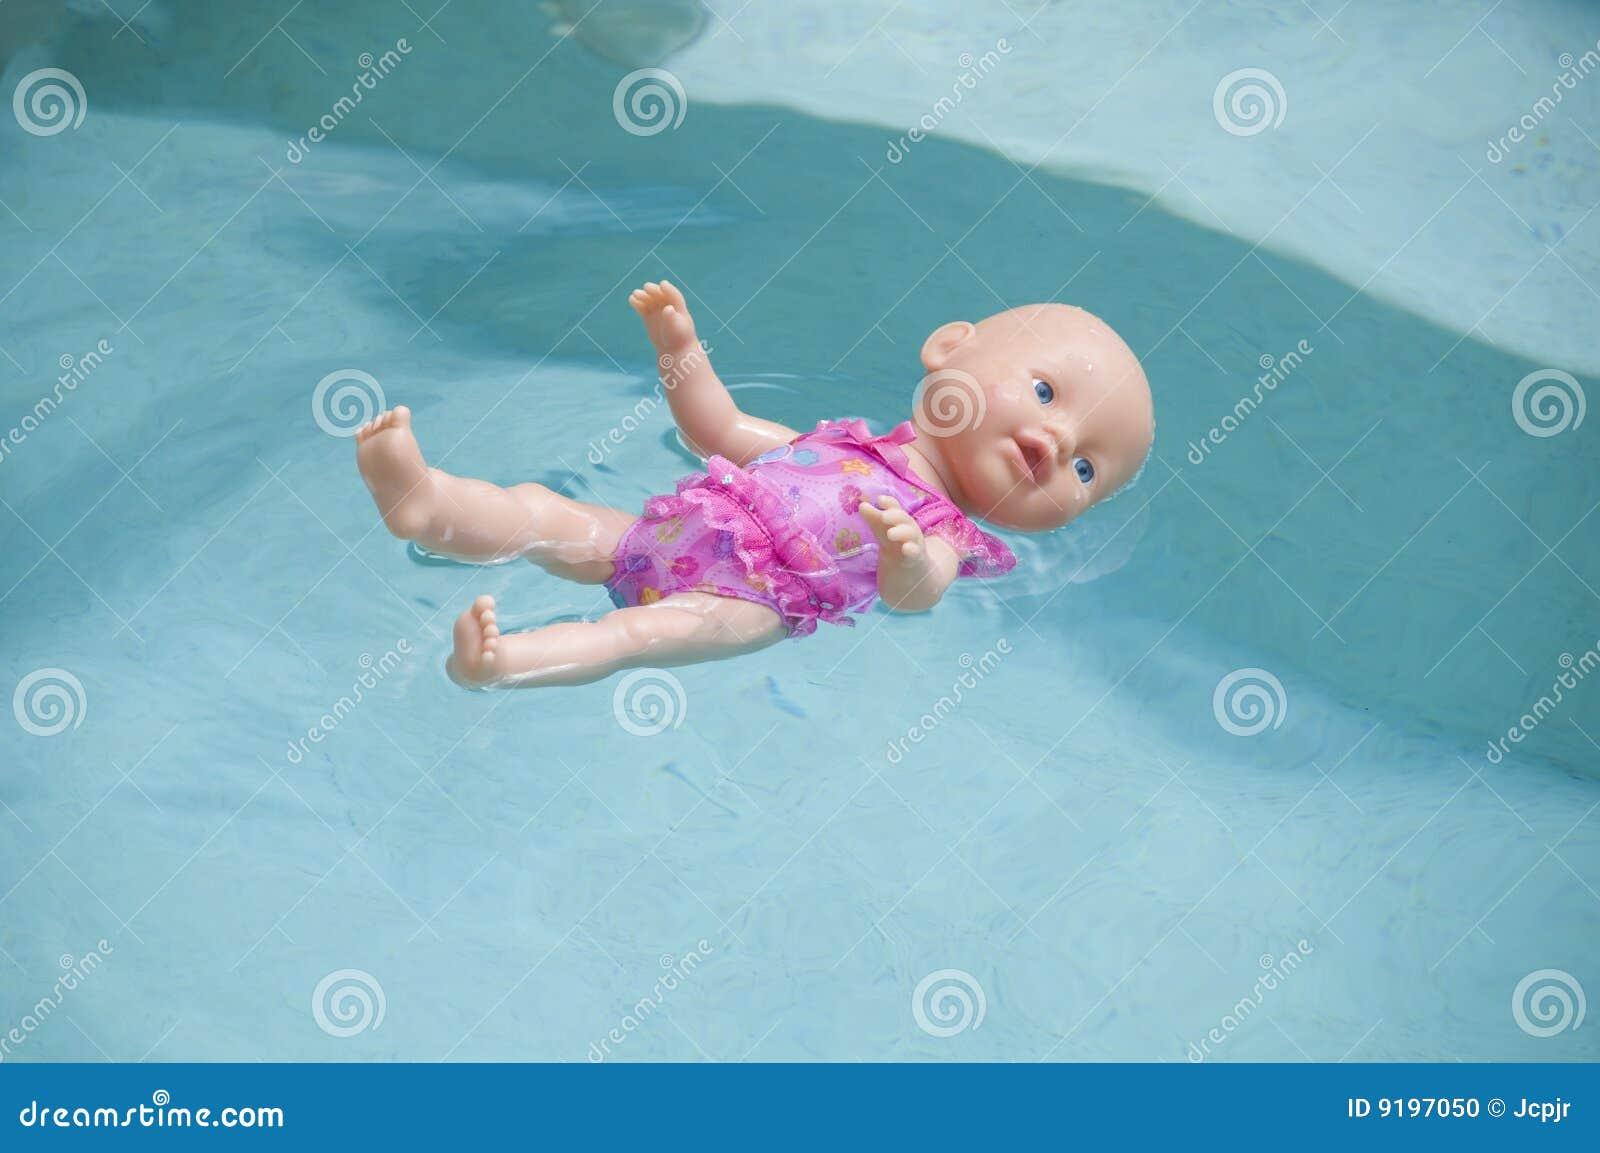 floaty pool #11